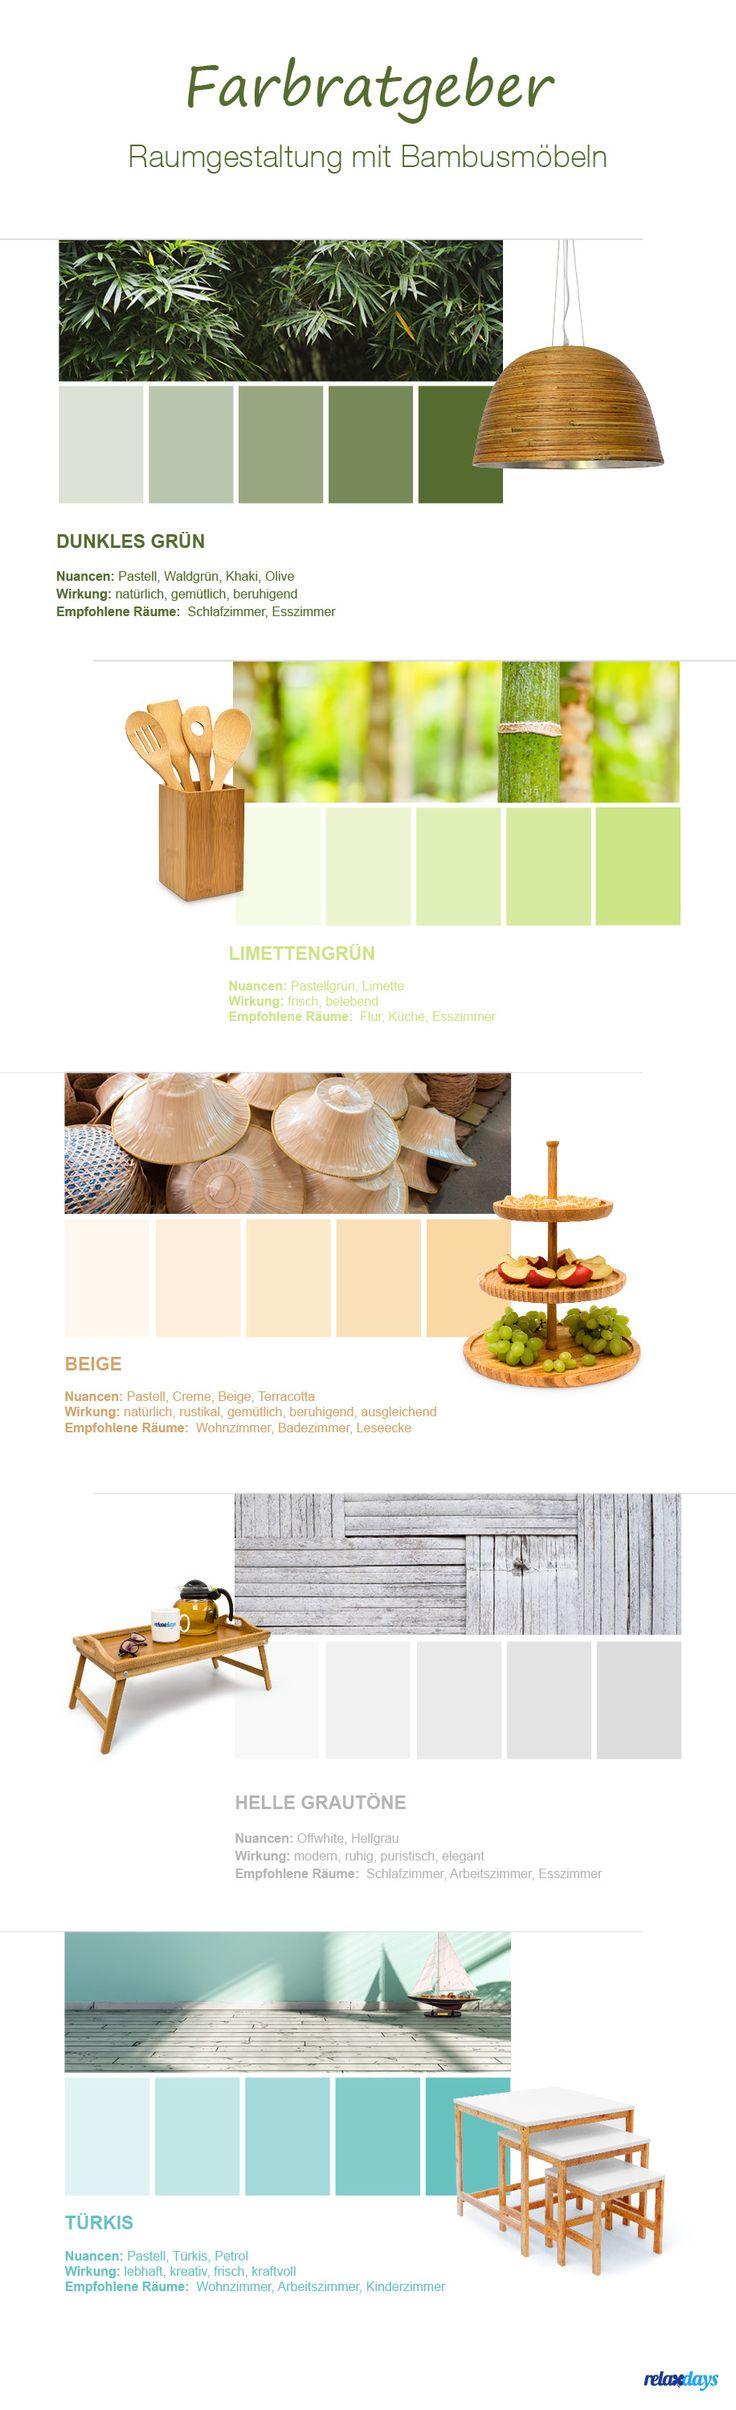 Wie kombiniert man Bambusmöbel? Tolle Farben für euer Zuhause! Die Möbel dazu könnt ihr hier kaufen: https://relaxdays.de/bambusmoebel